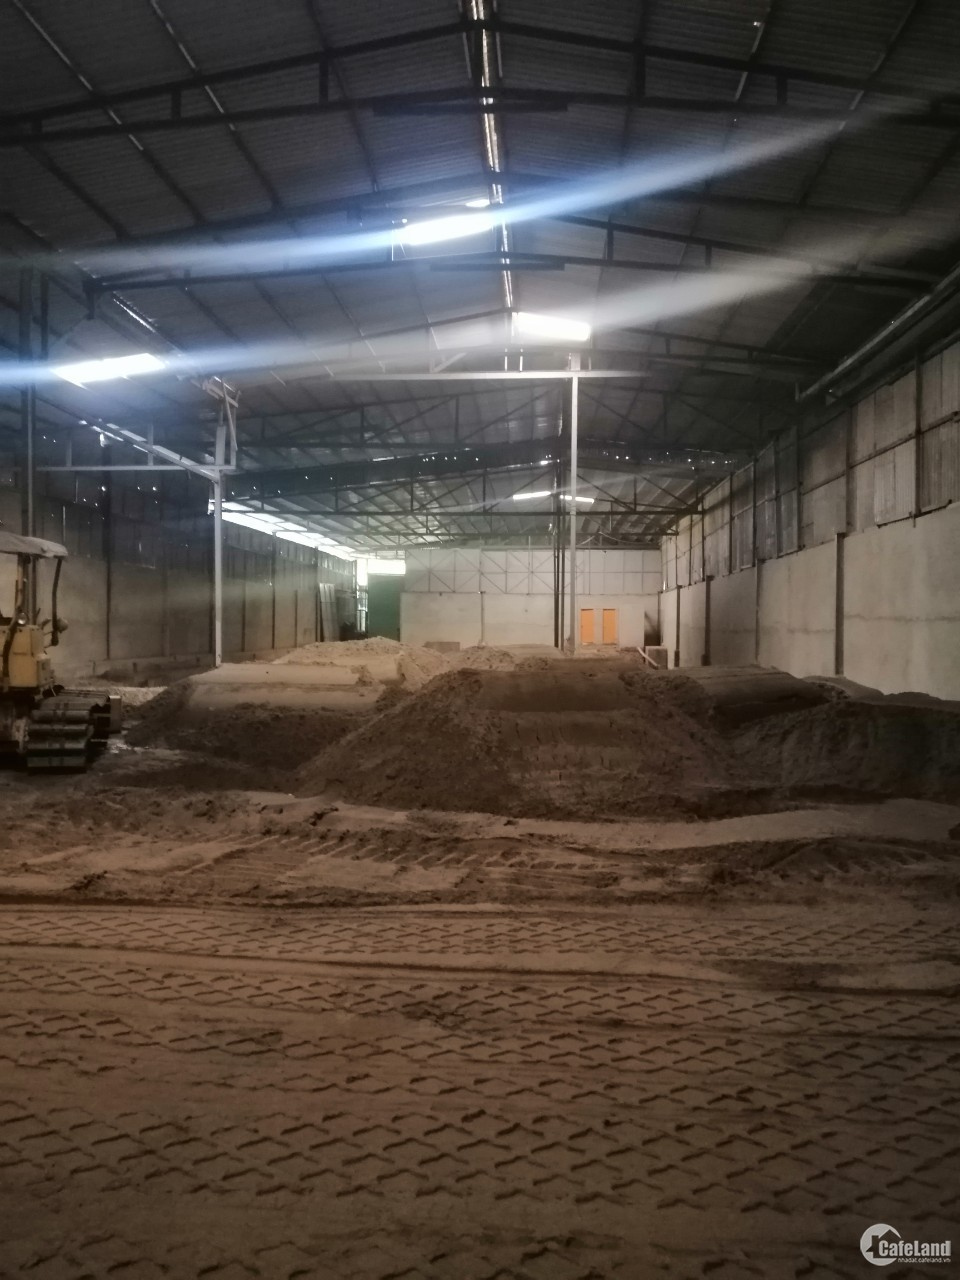 0909.772.186 Cho thuê nhà xưởng 1.200m2 mới hoàn thiện, Vĩnh lộc A, Bình Chánh.